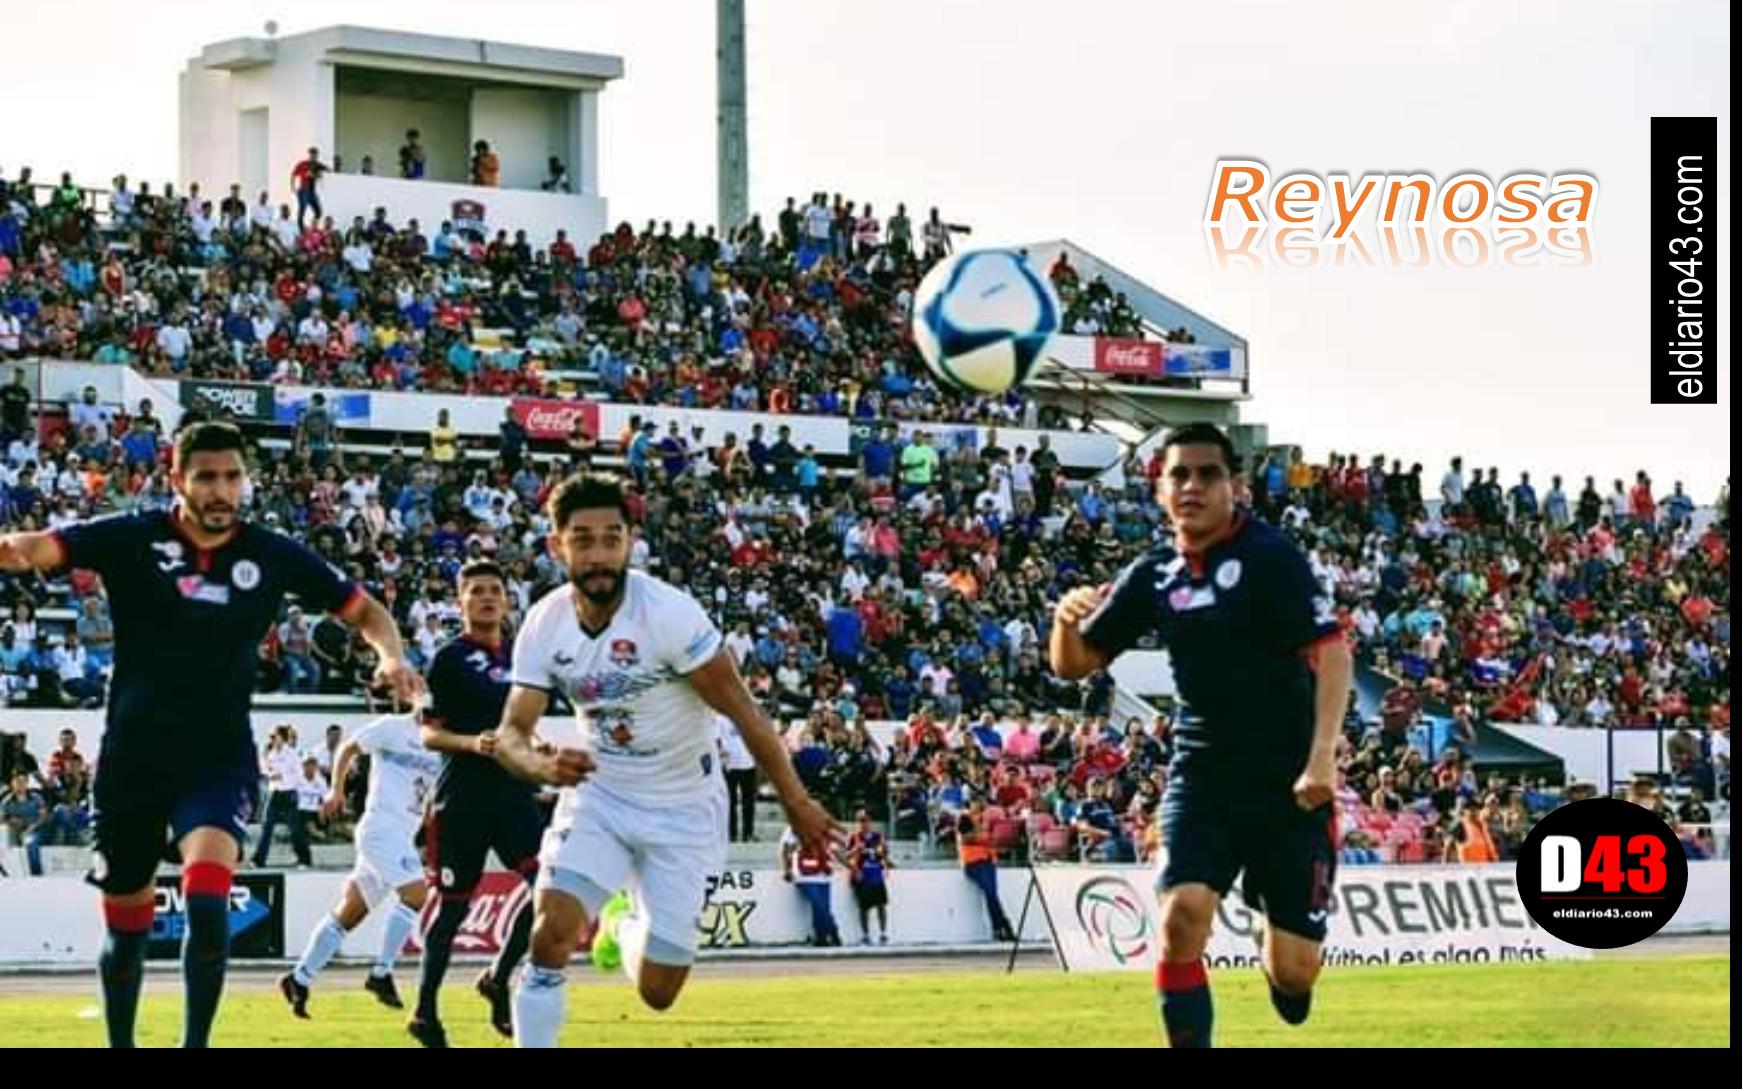 Promueven encuentros de futbol profesional en Reynosa